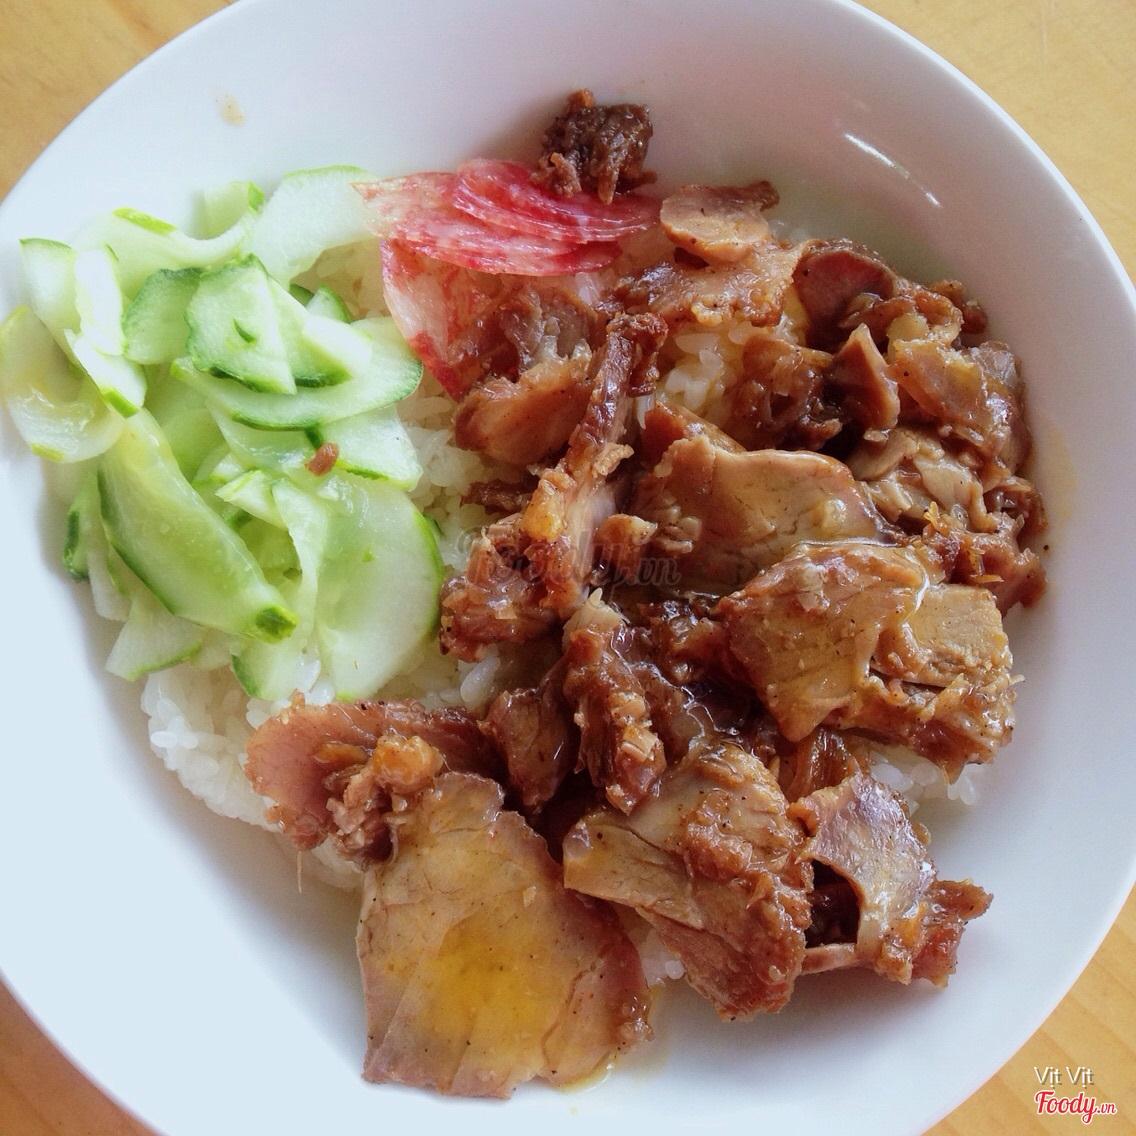 Ẩm thực Việt Nam được đánh giá là tốt cho sức khỏe